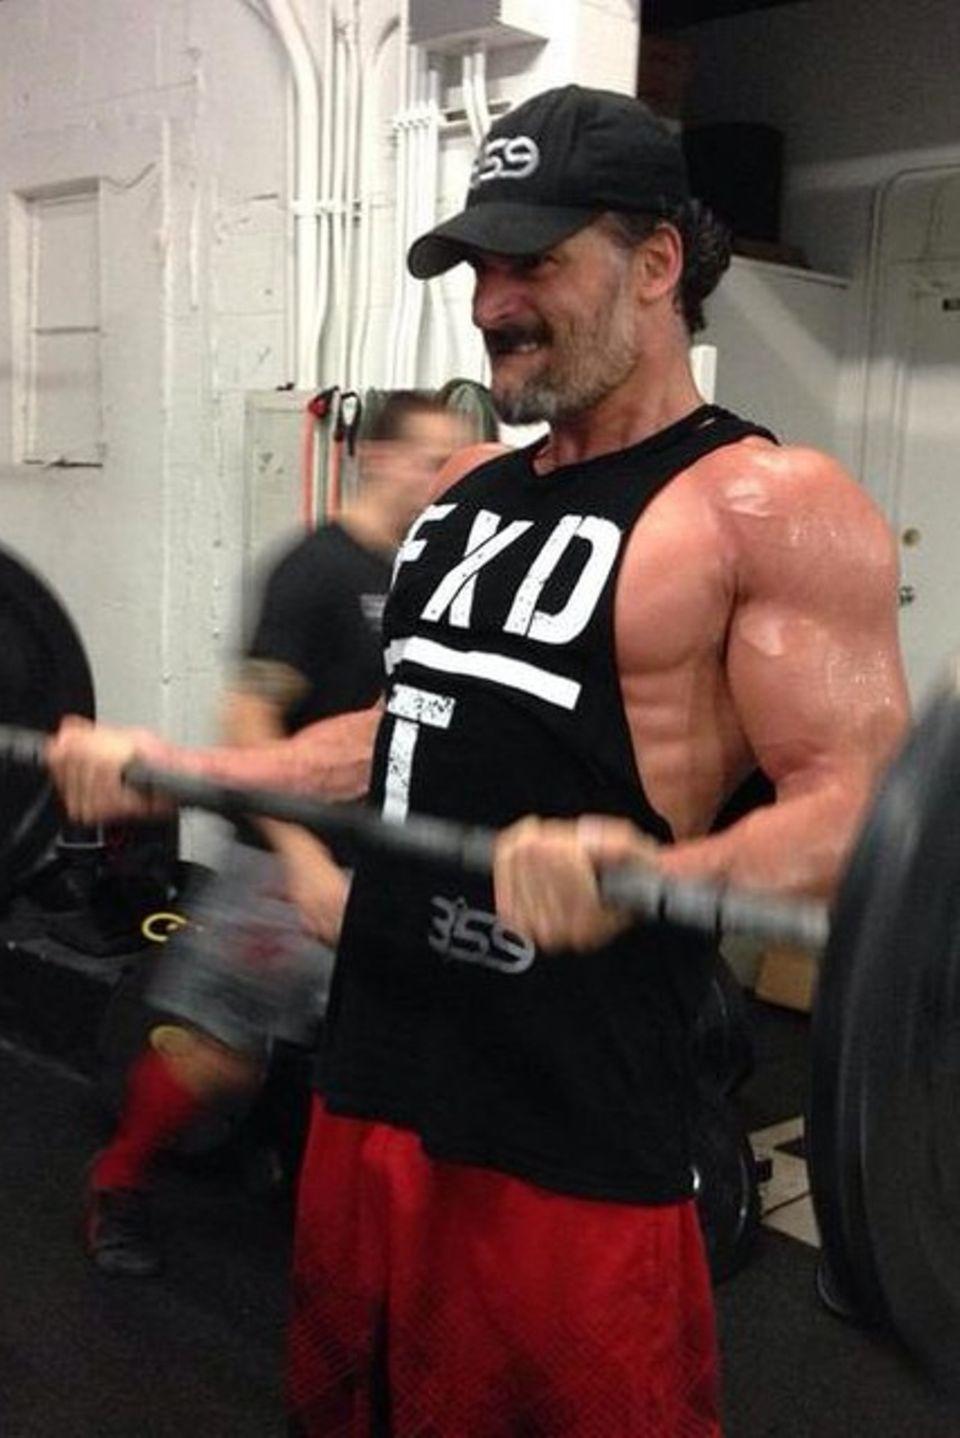 """Joe Manganiello lässt auf seinem Instagram-Profil seine Fans an seiner Arbeit teilhaben. Für sein Fitness-Programm """"Evolution359"""" stählt er seinen Körper im Studio."""